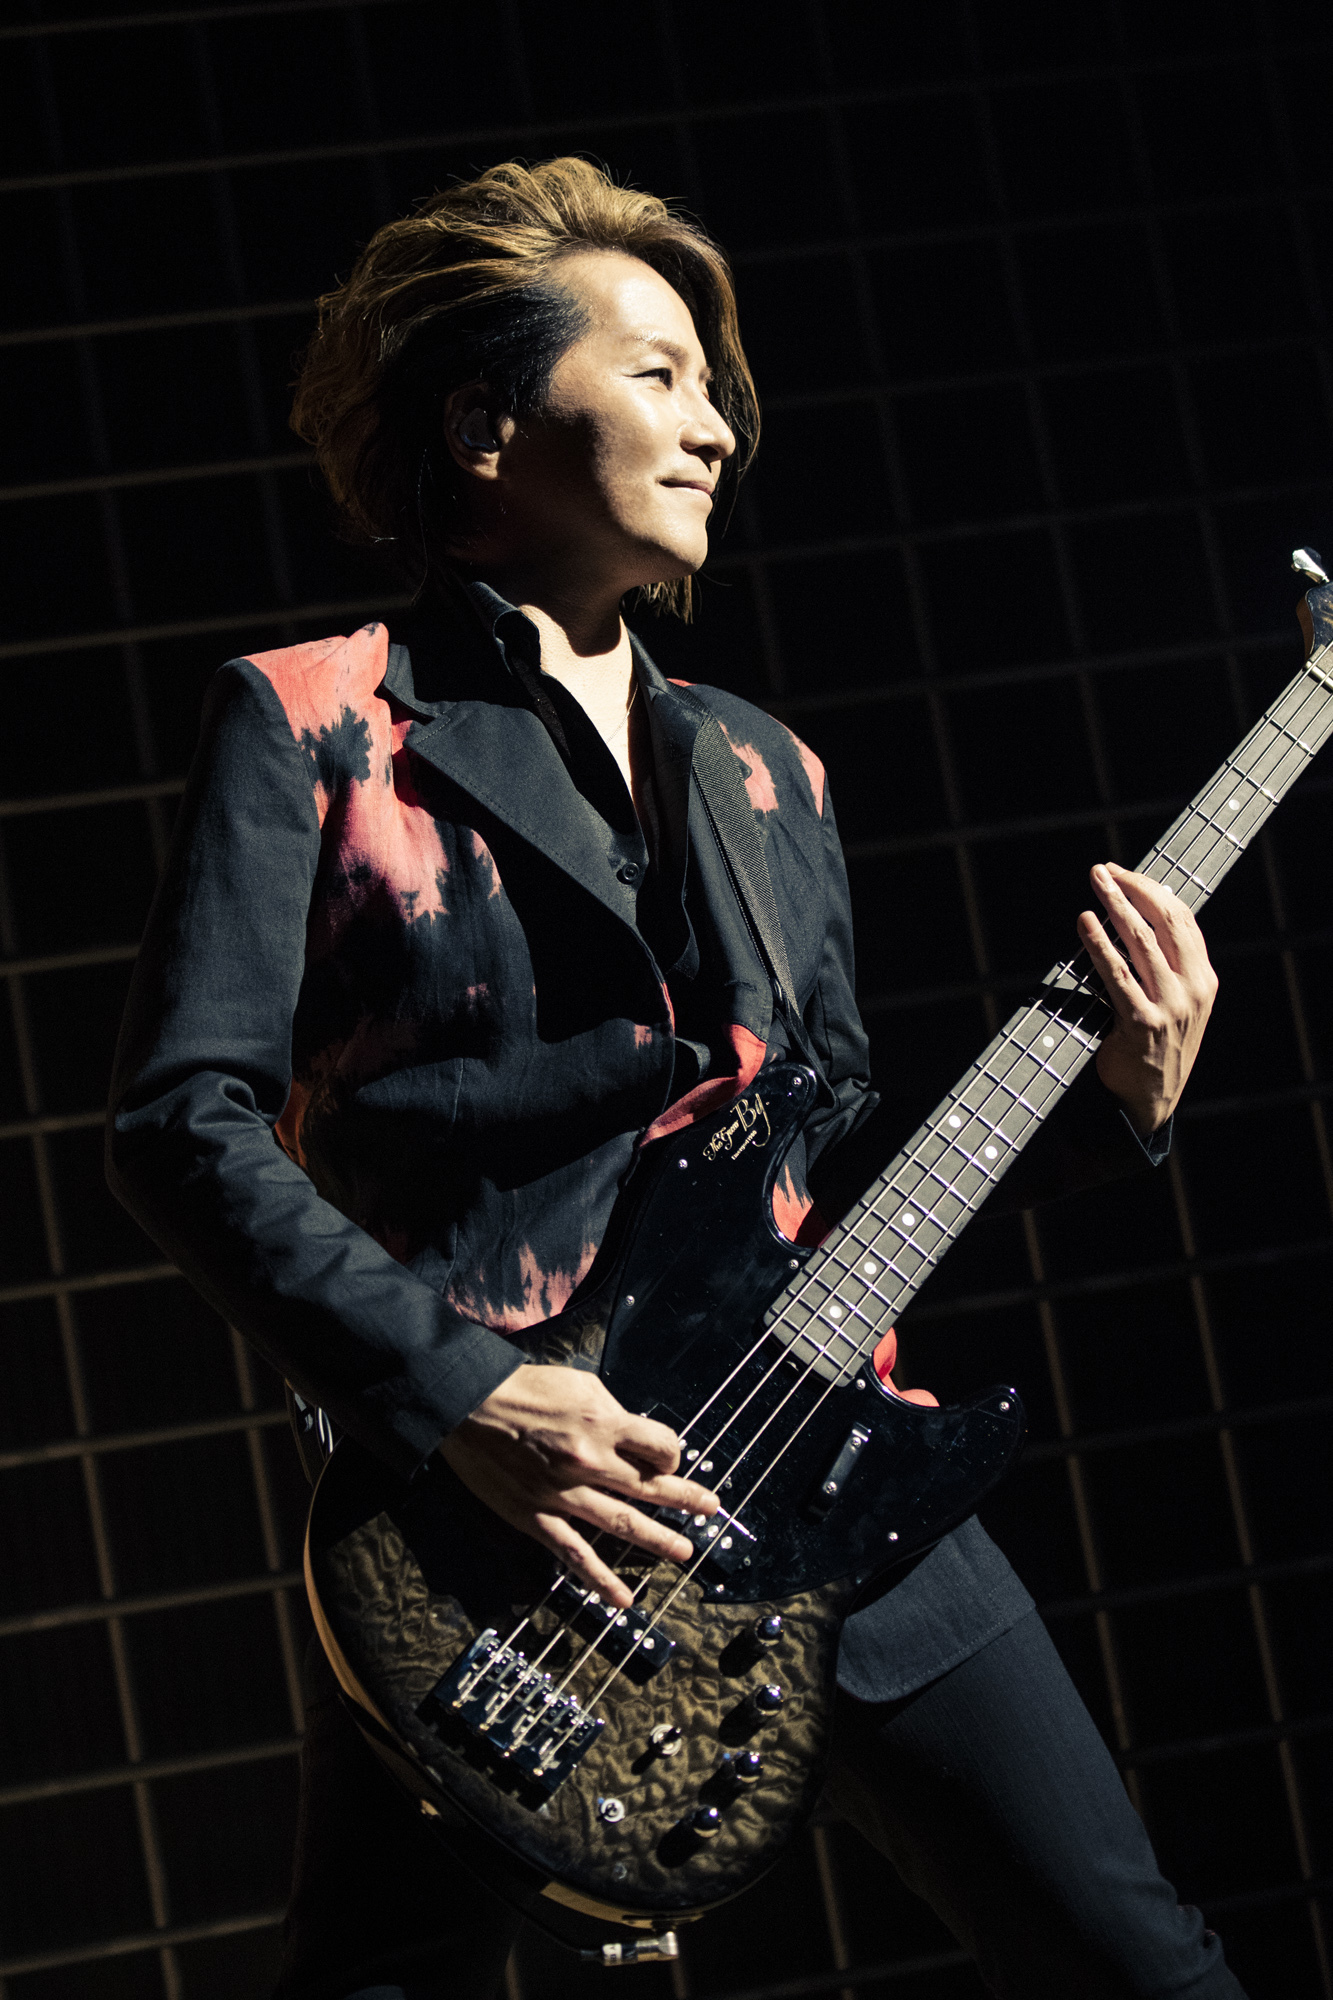 樋口豊『BUCK-TICK 2018 TOUR No.0』 撮影=田中聖太郎写真事務所